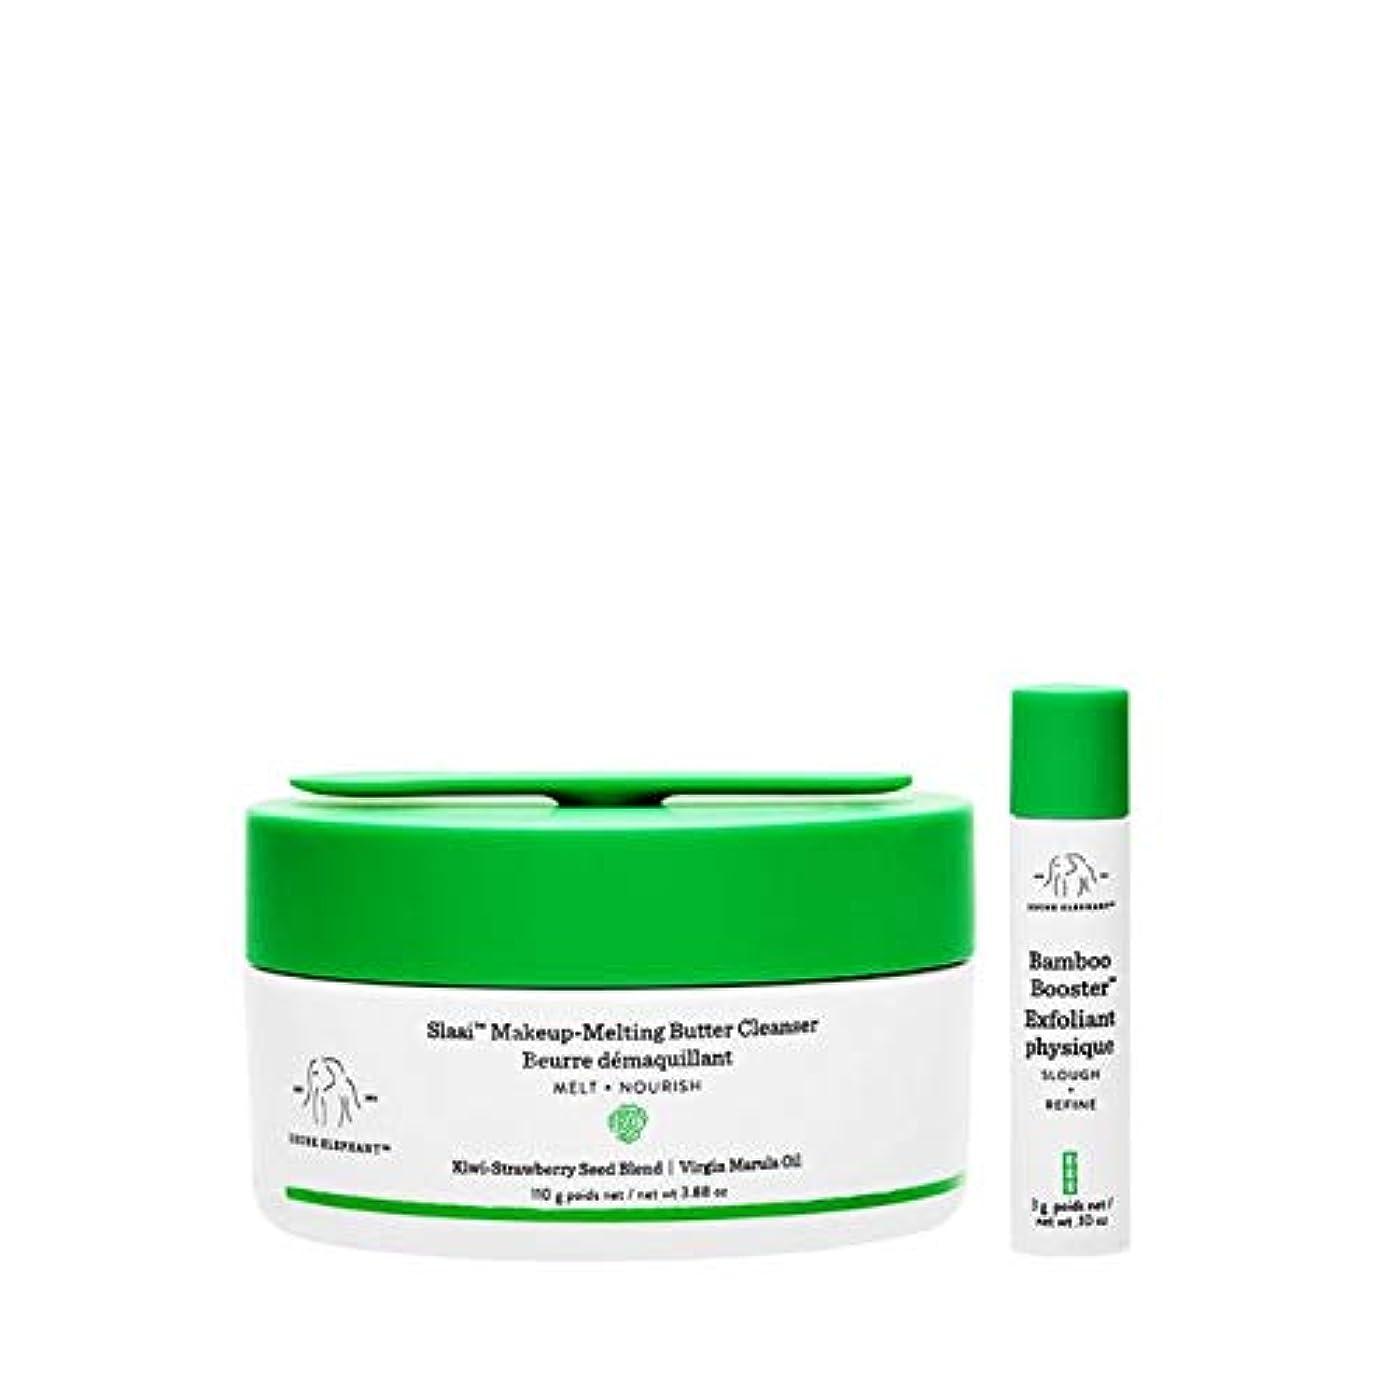 モニター制限知り合いDRUNK ELEPHANT Slaai Makeup-Melting Butter Cleanser ドランクエレファント スラエー メーカップ メルティング バター クレンザー 110g